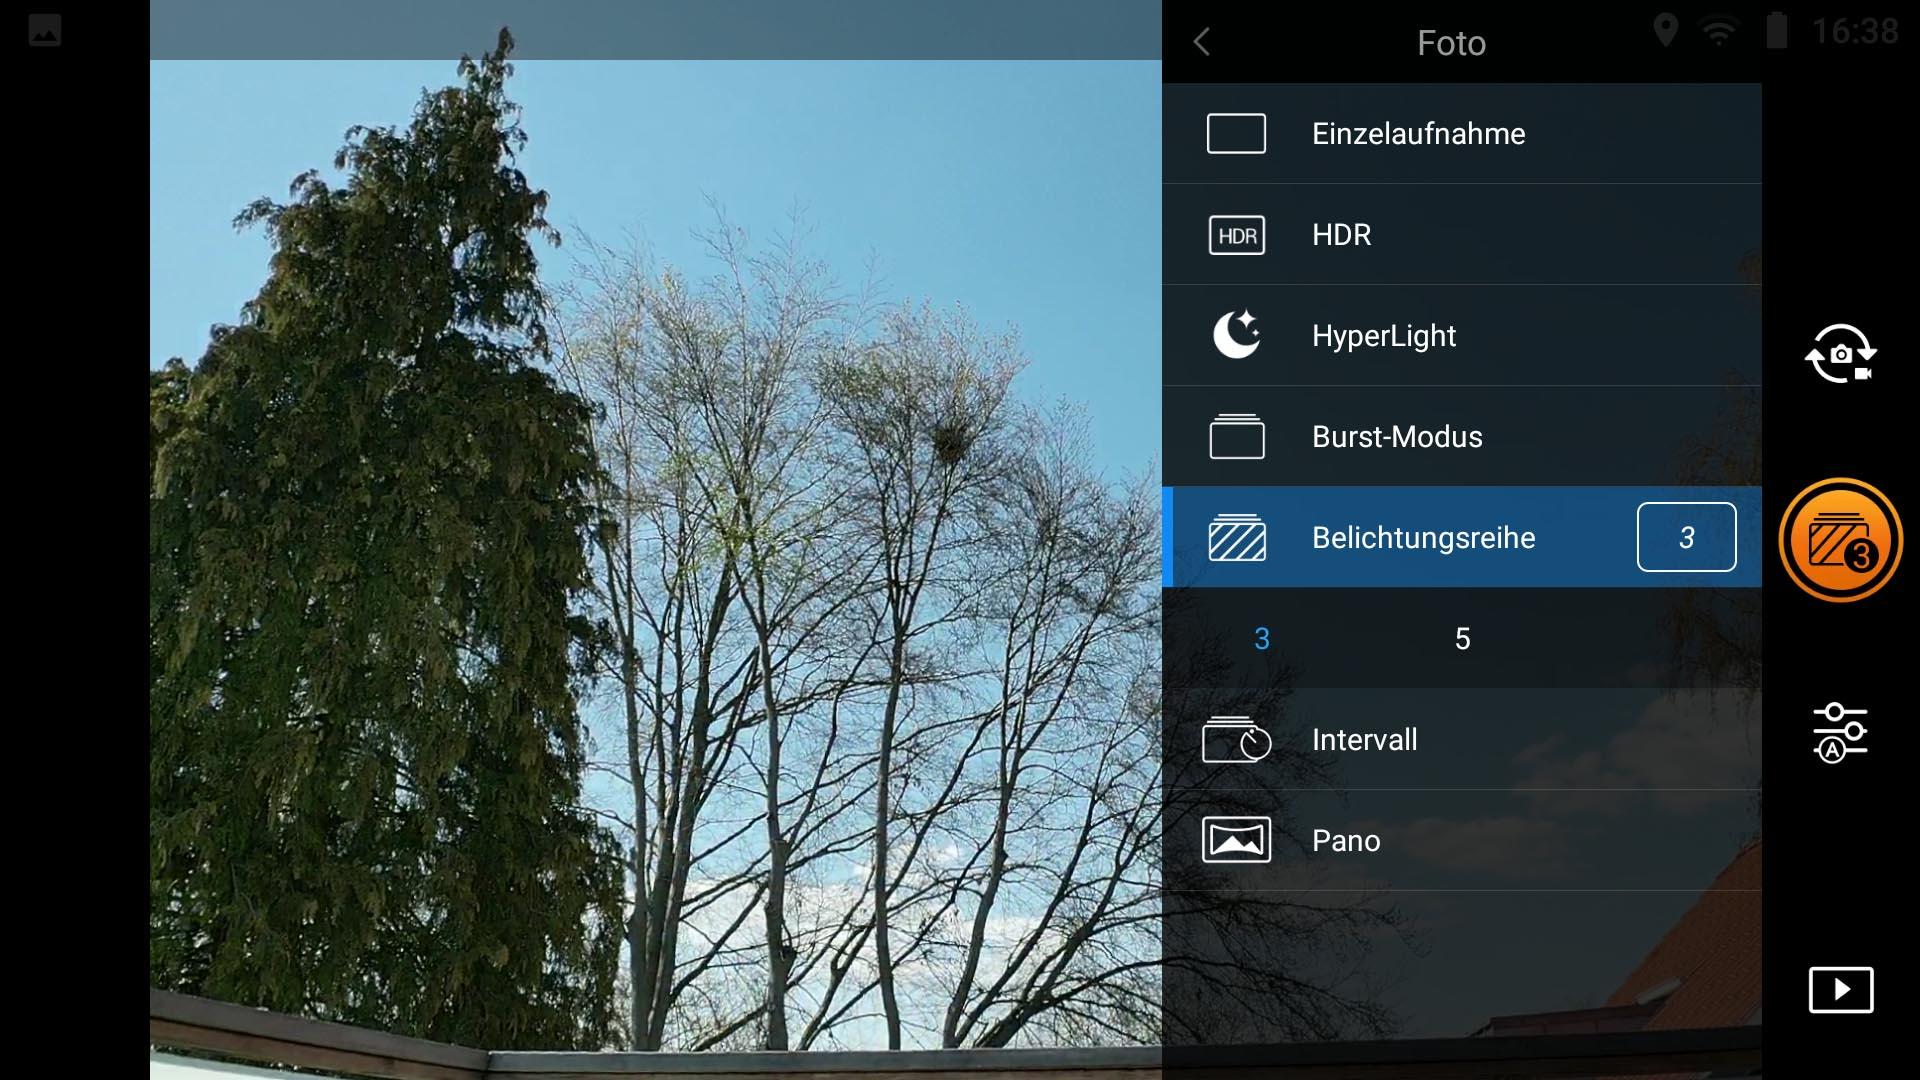 HDR-Fotos mit der Drohne - Mavic 2 Pro Belichtungsreihe wählen